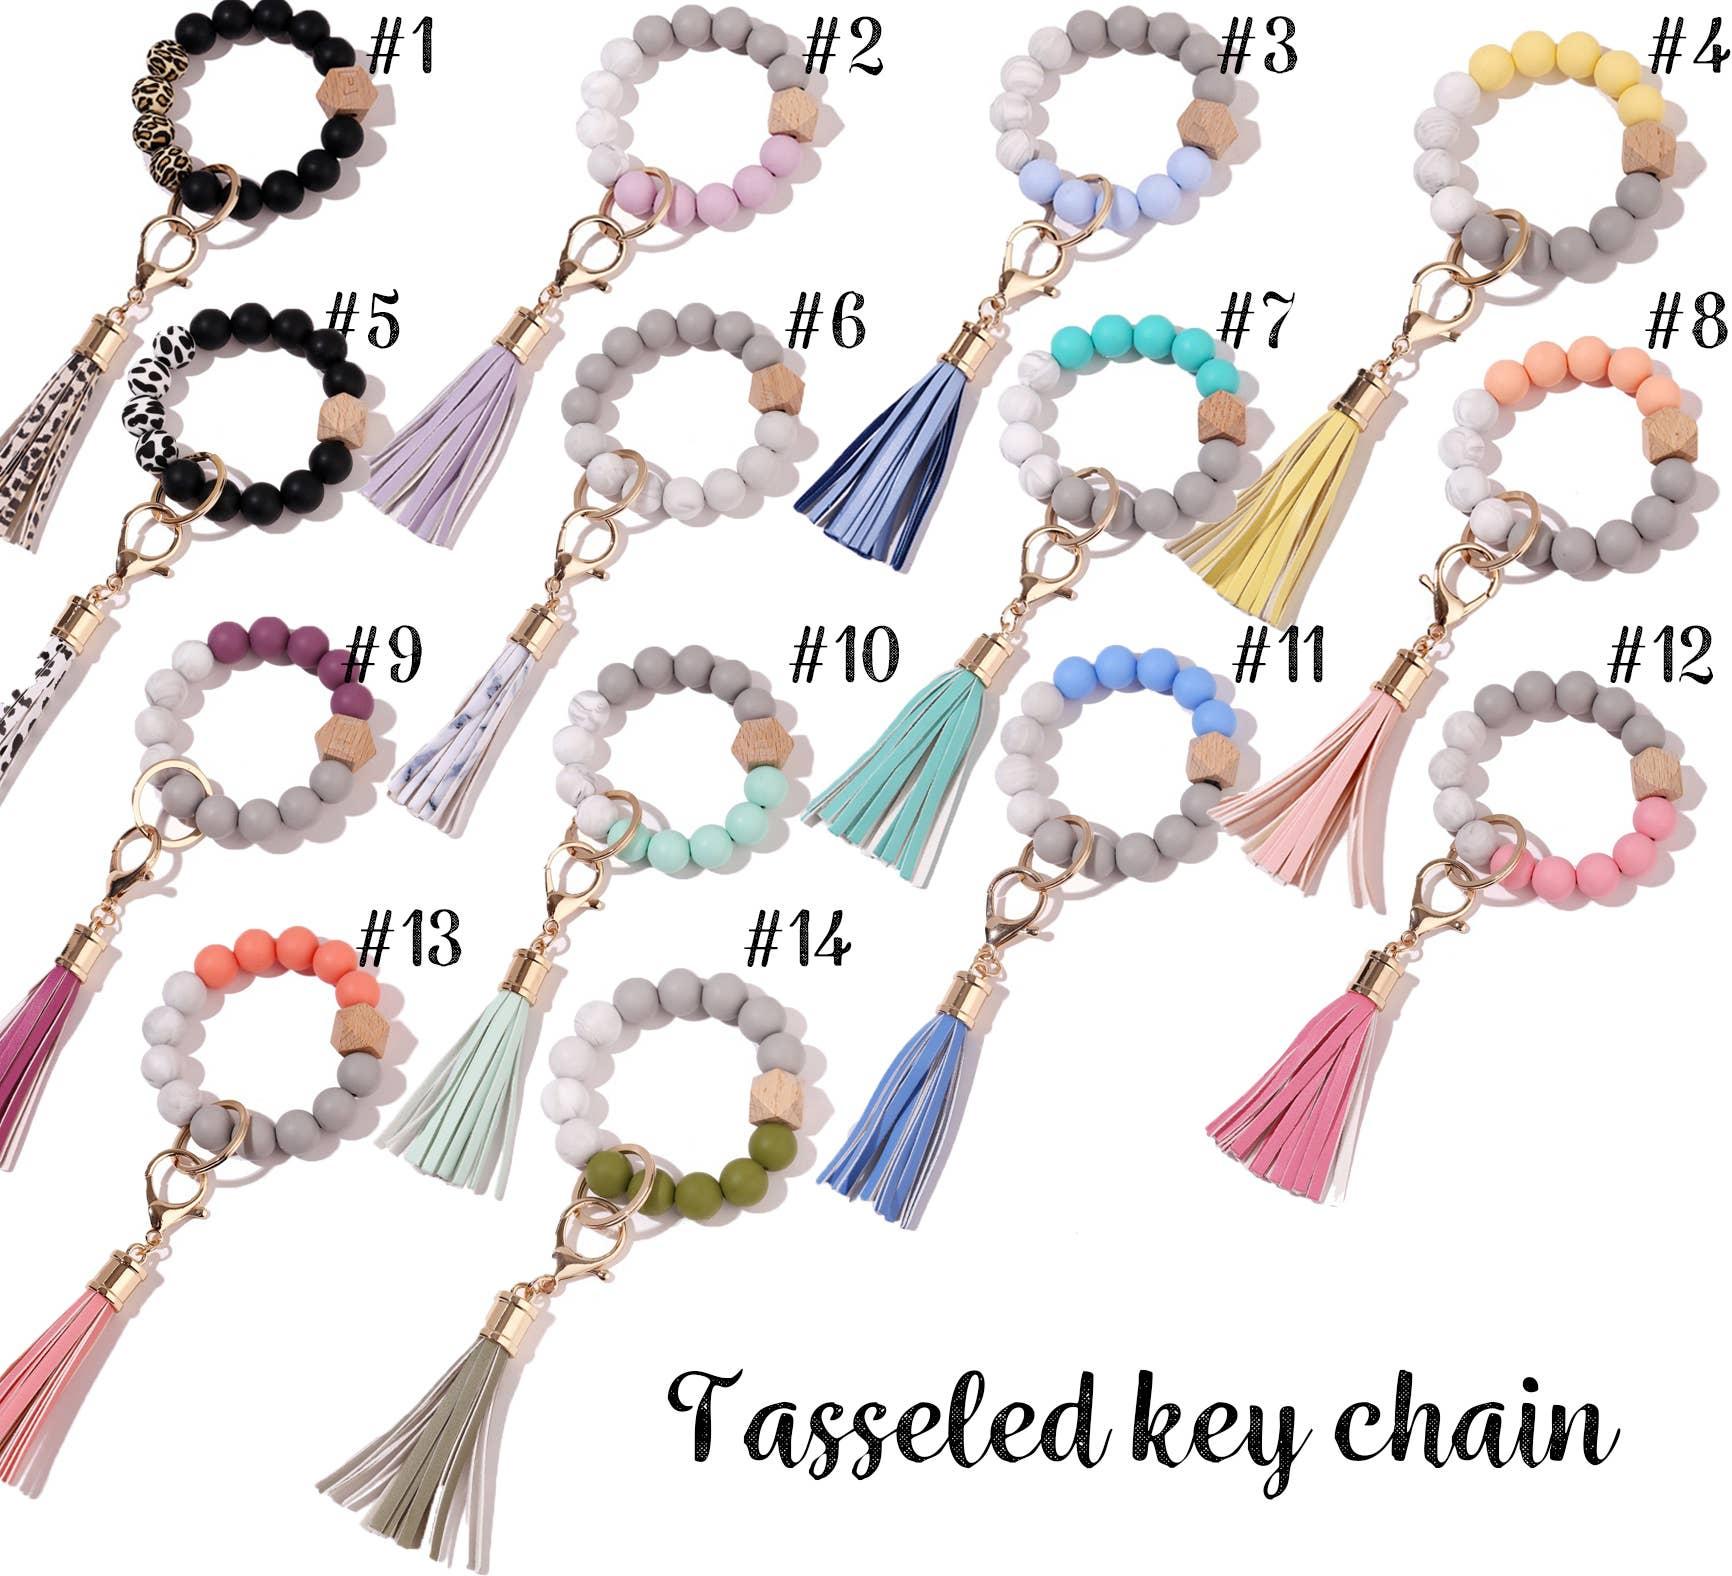 bracelet keychain with tassel   Trada Marketplace